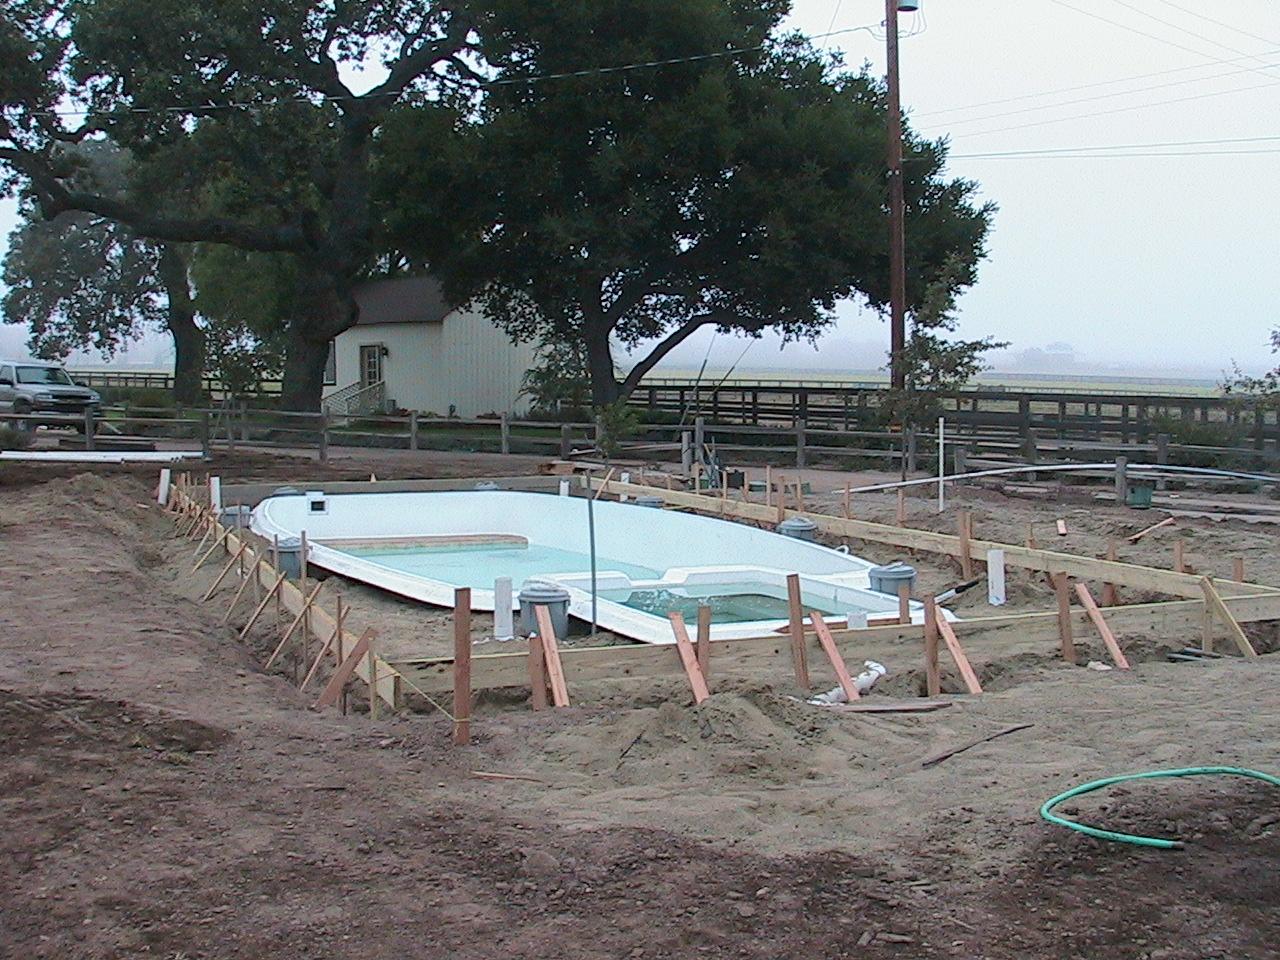 Pool - Before